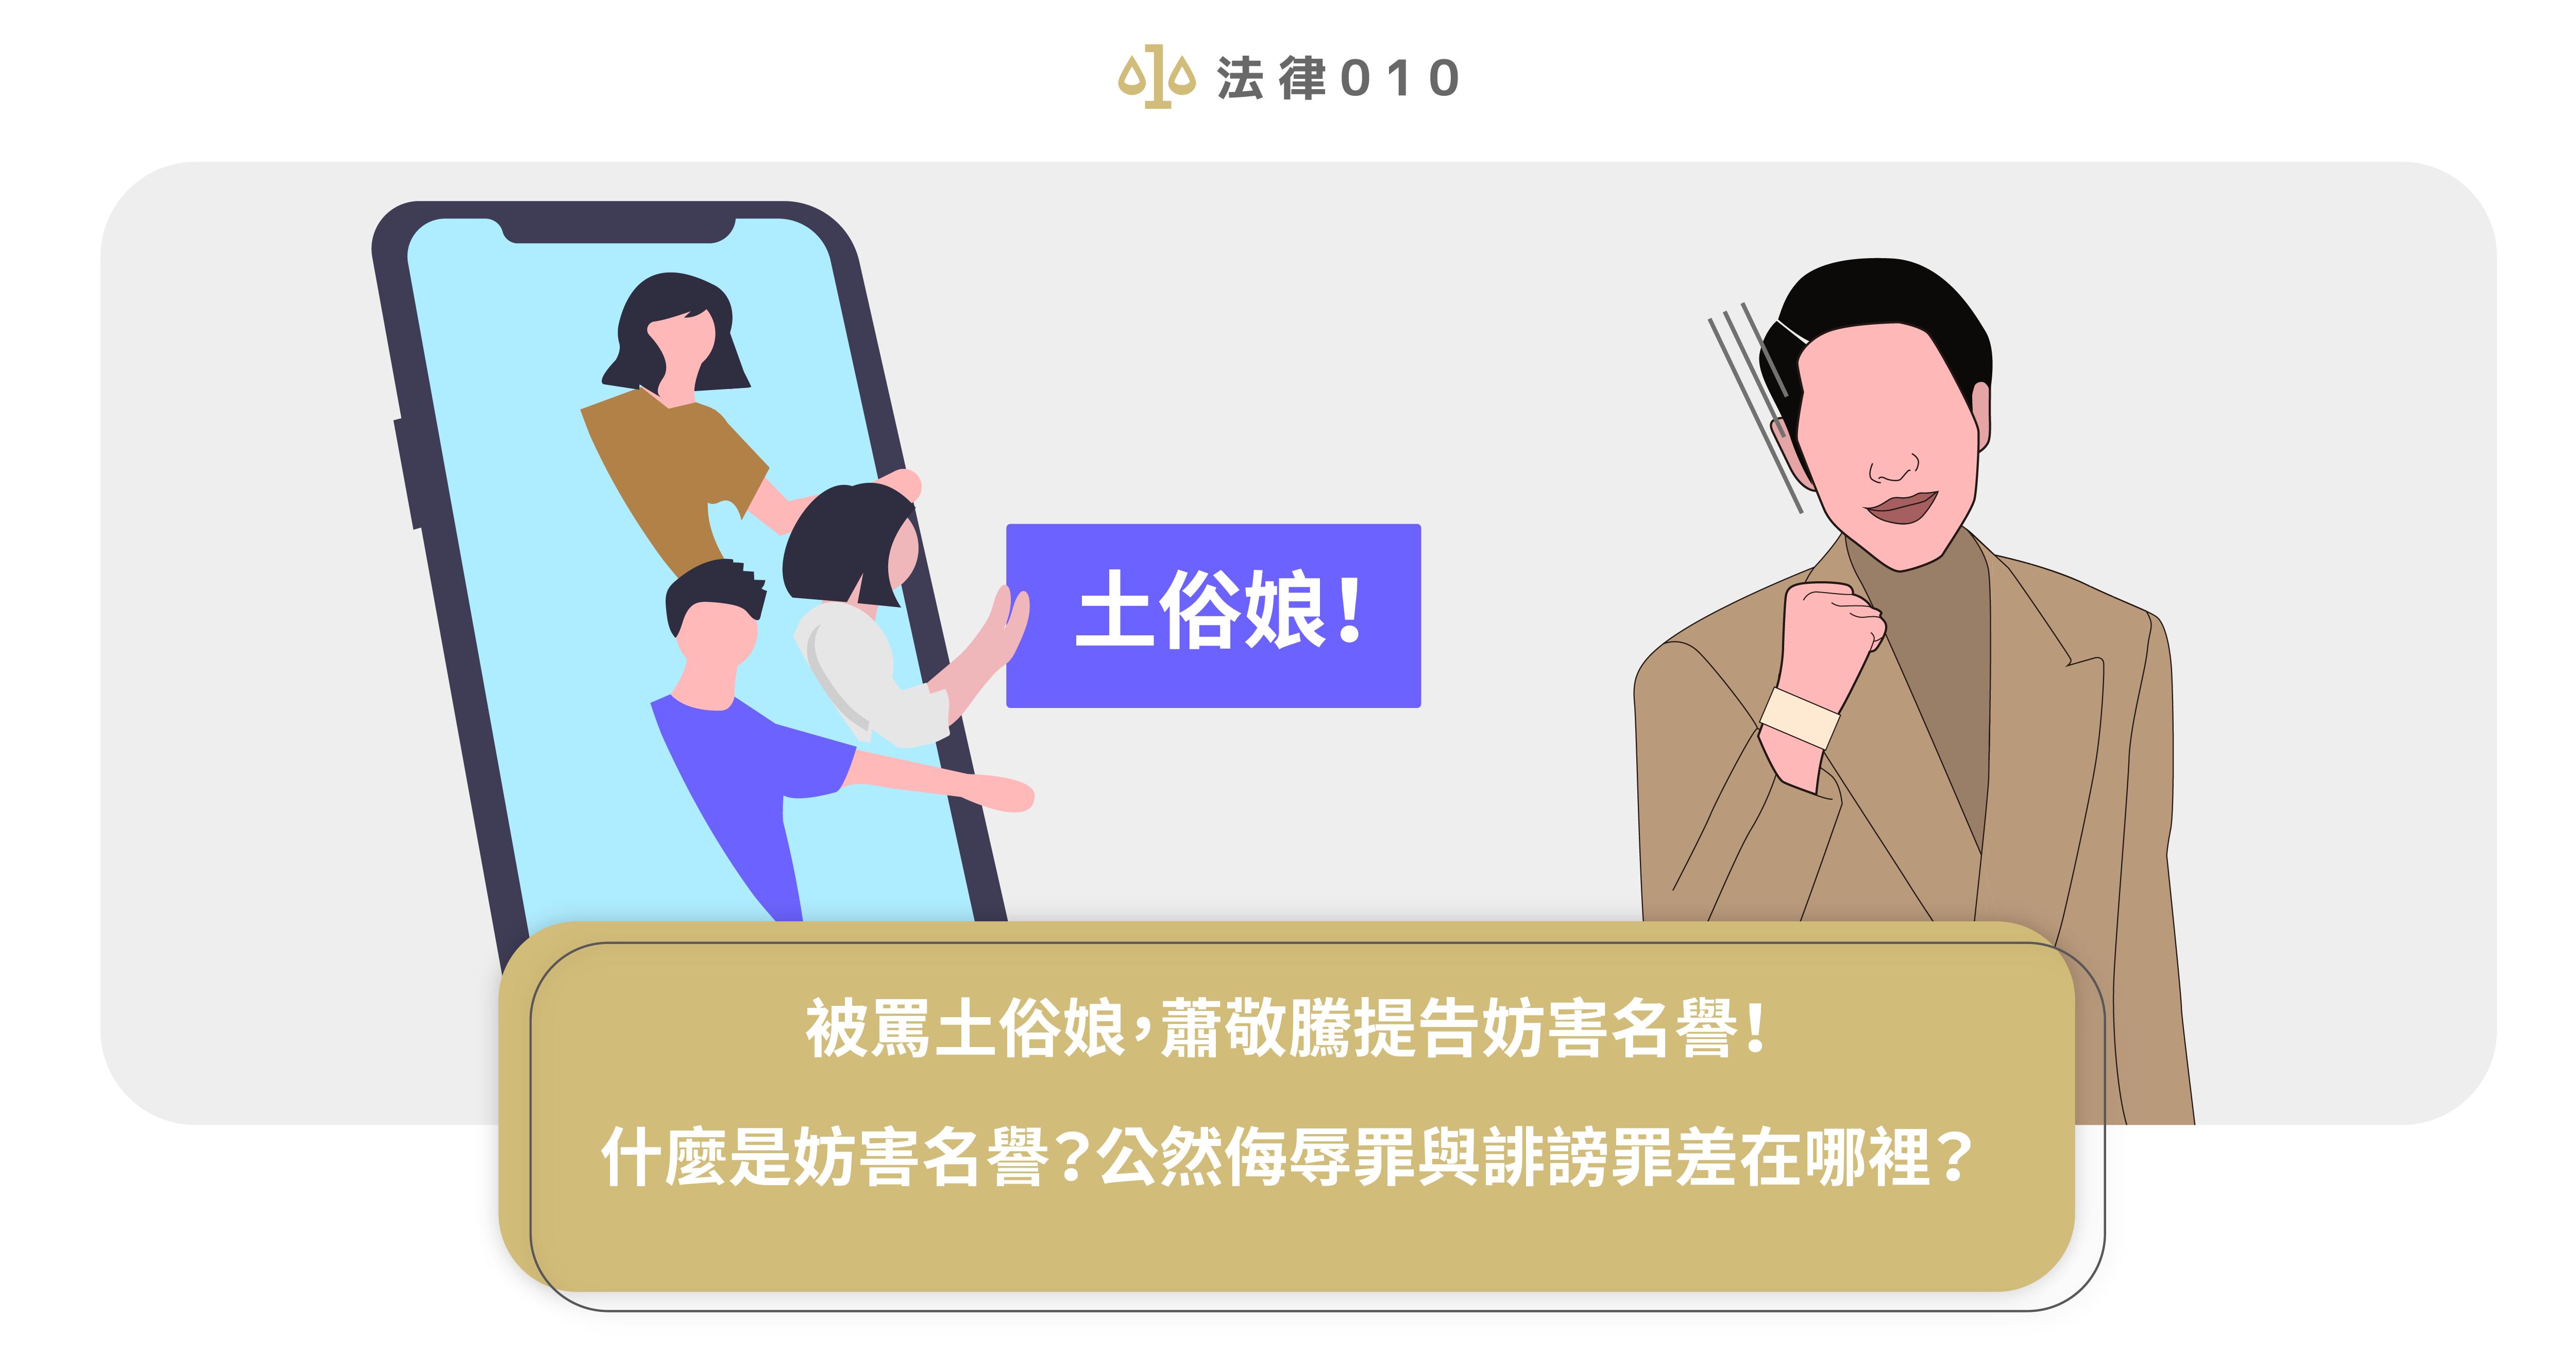 被罵土俗娘,蕭敬騰提告妨害名譽!什麼是妨害名譽?公然侮辱罪與誹謗罪差在哪裡?